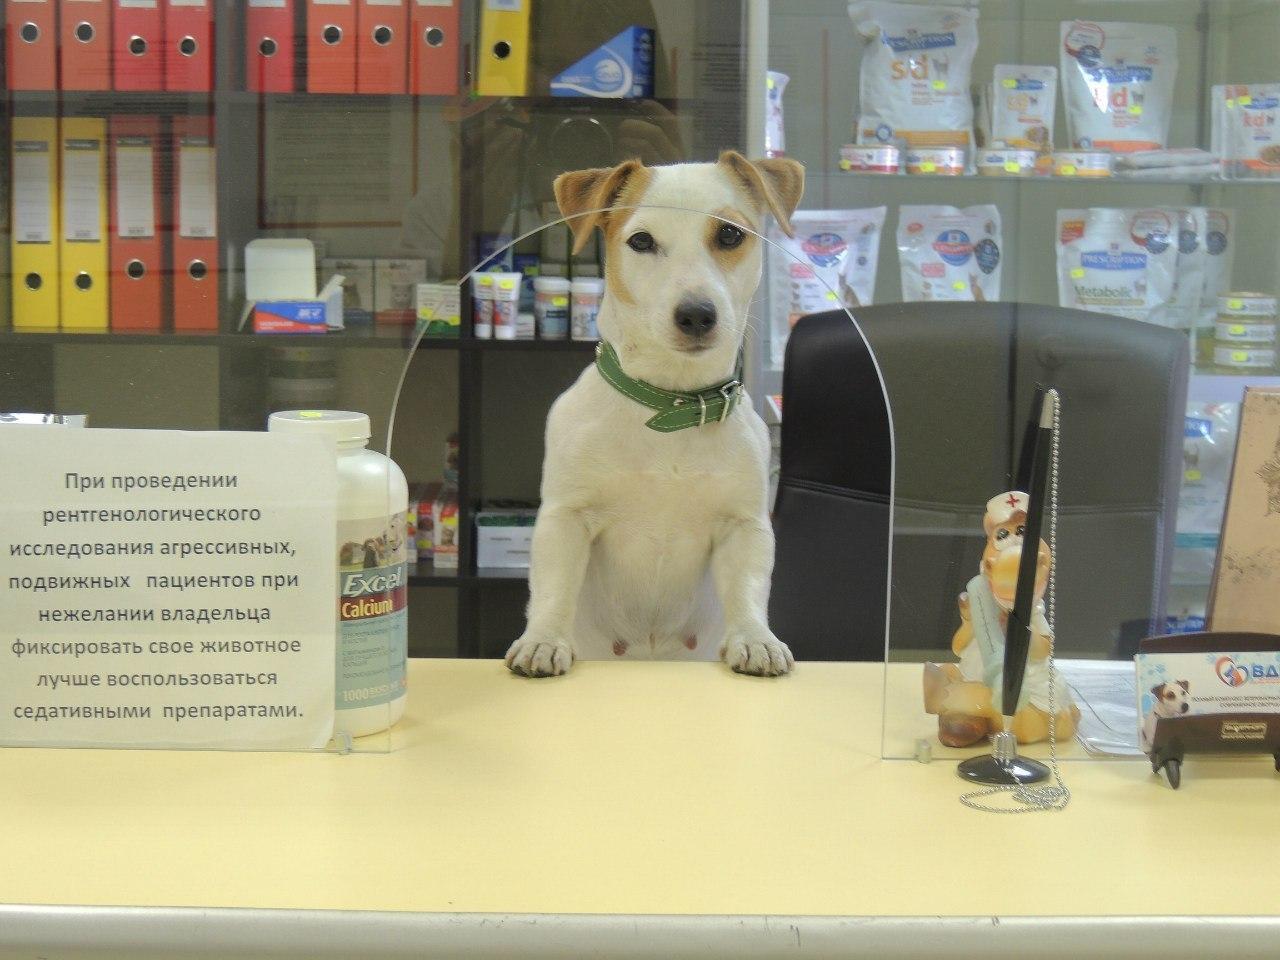 Пёс и кот ветеринарная клиника отзывы